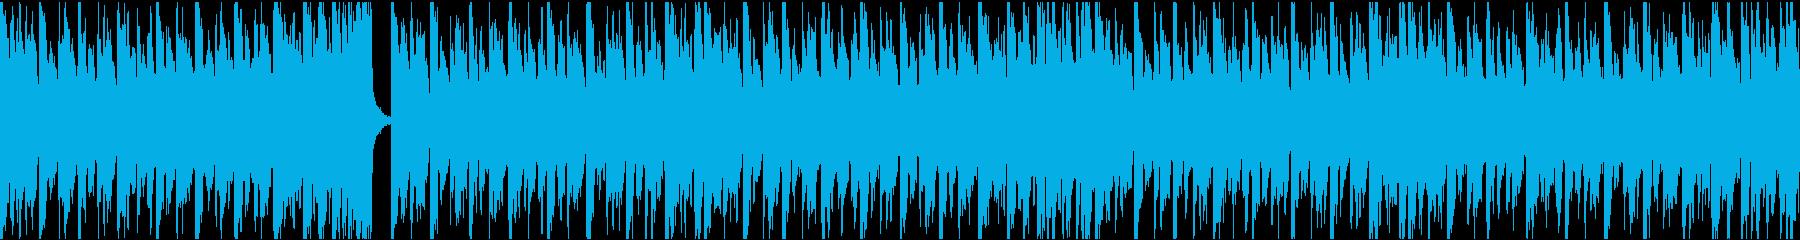 13秒でサビ、ダーク/カラオケループの再生済みの波形